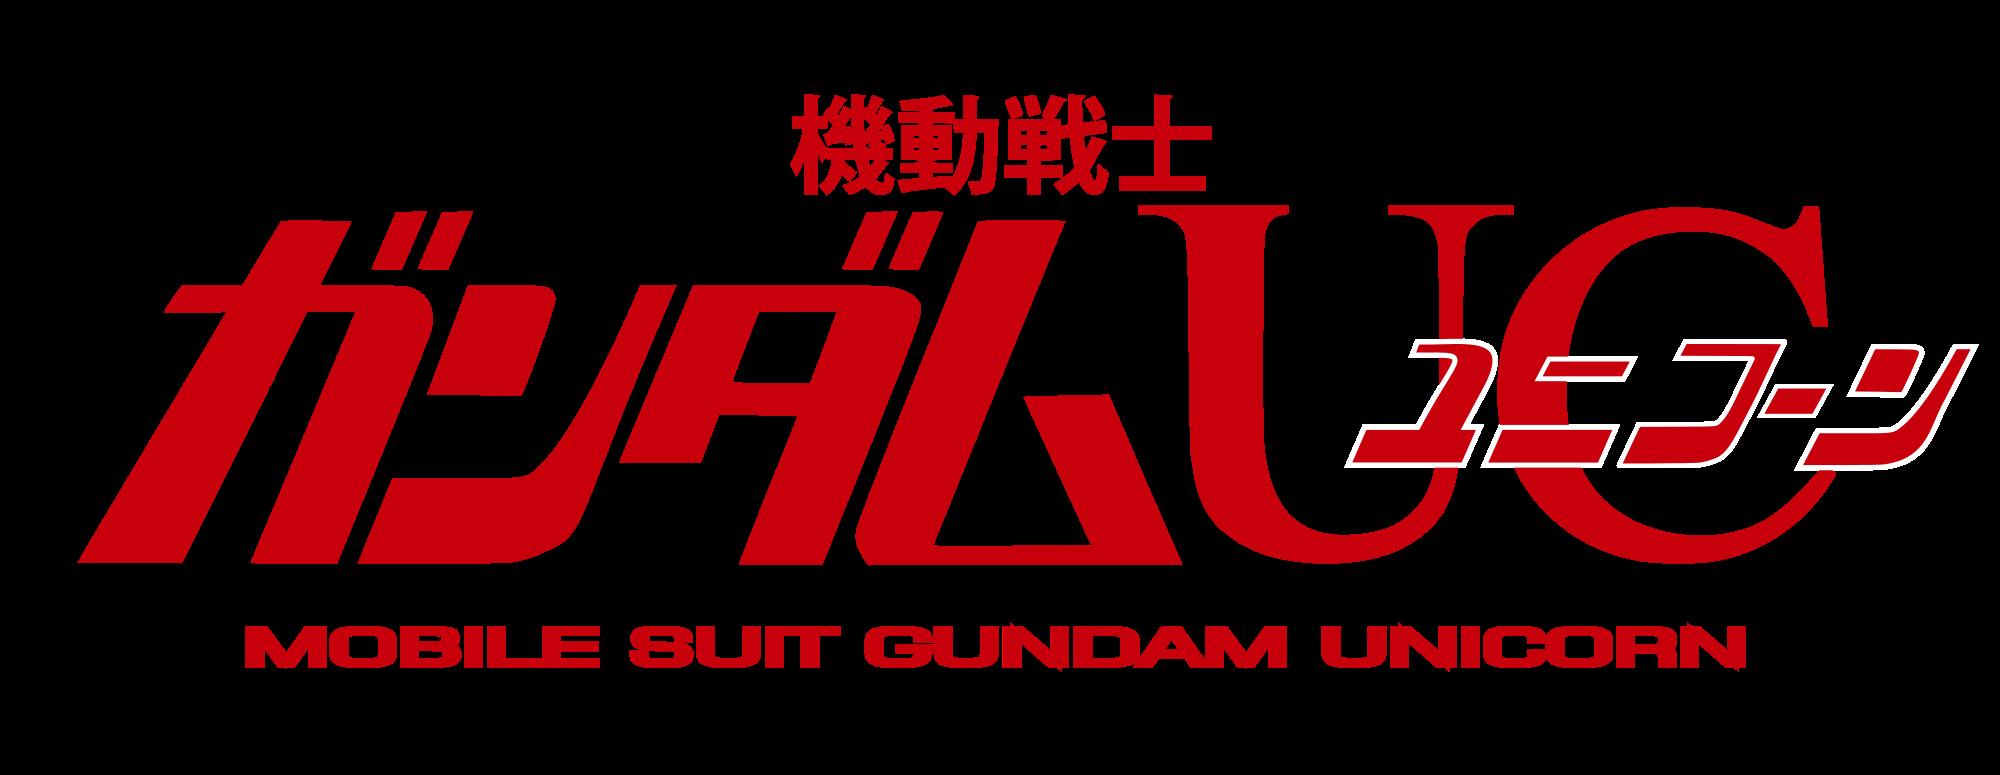 gundam-uc-1over